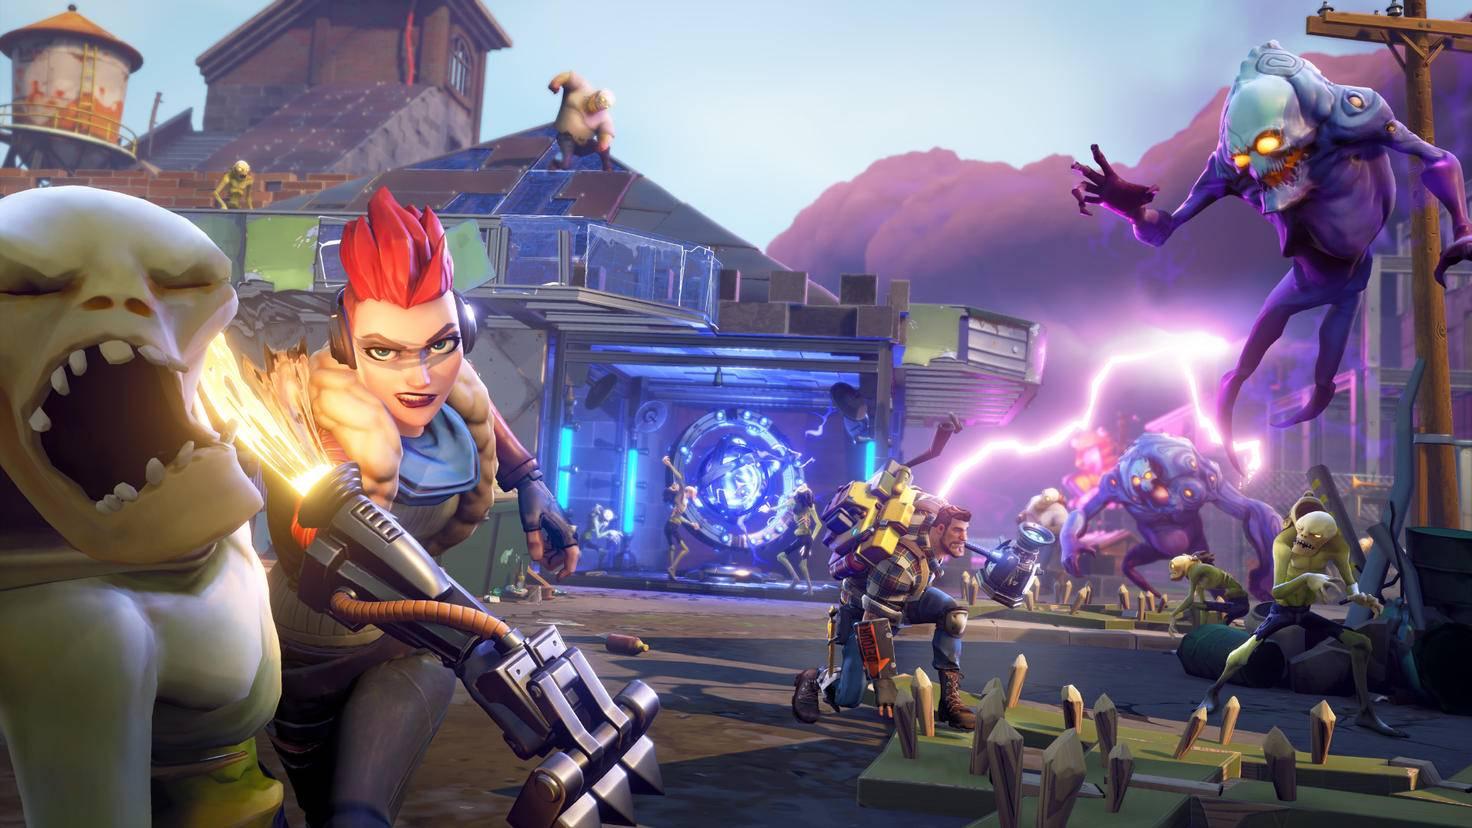 """Im """"Rette die Welt""""-Modus von """"Fortnite"""" kämpfst Du nicht gegen andere Spieler, sondern zusammen mit ihnen gegen Zombies."""